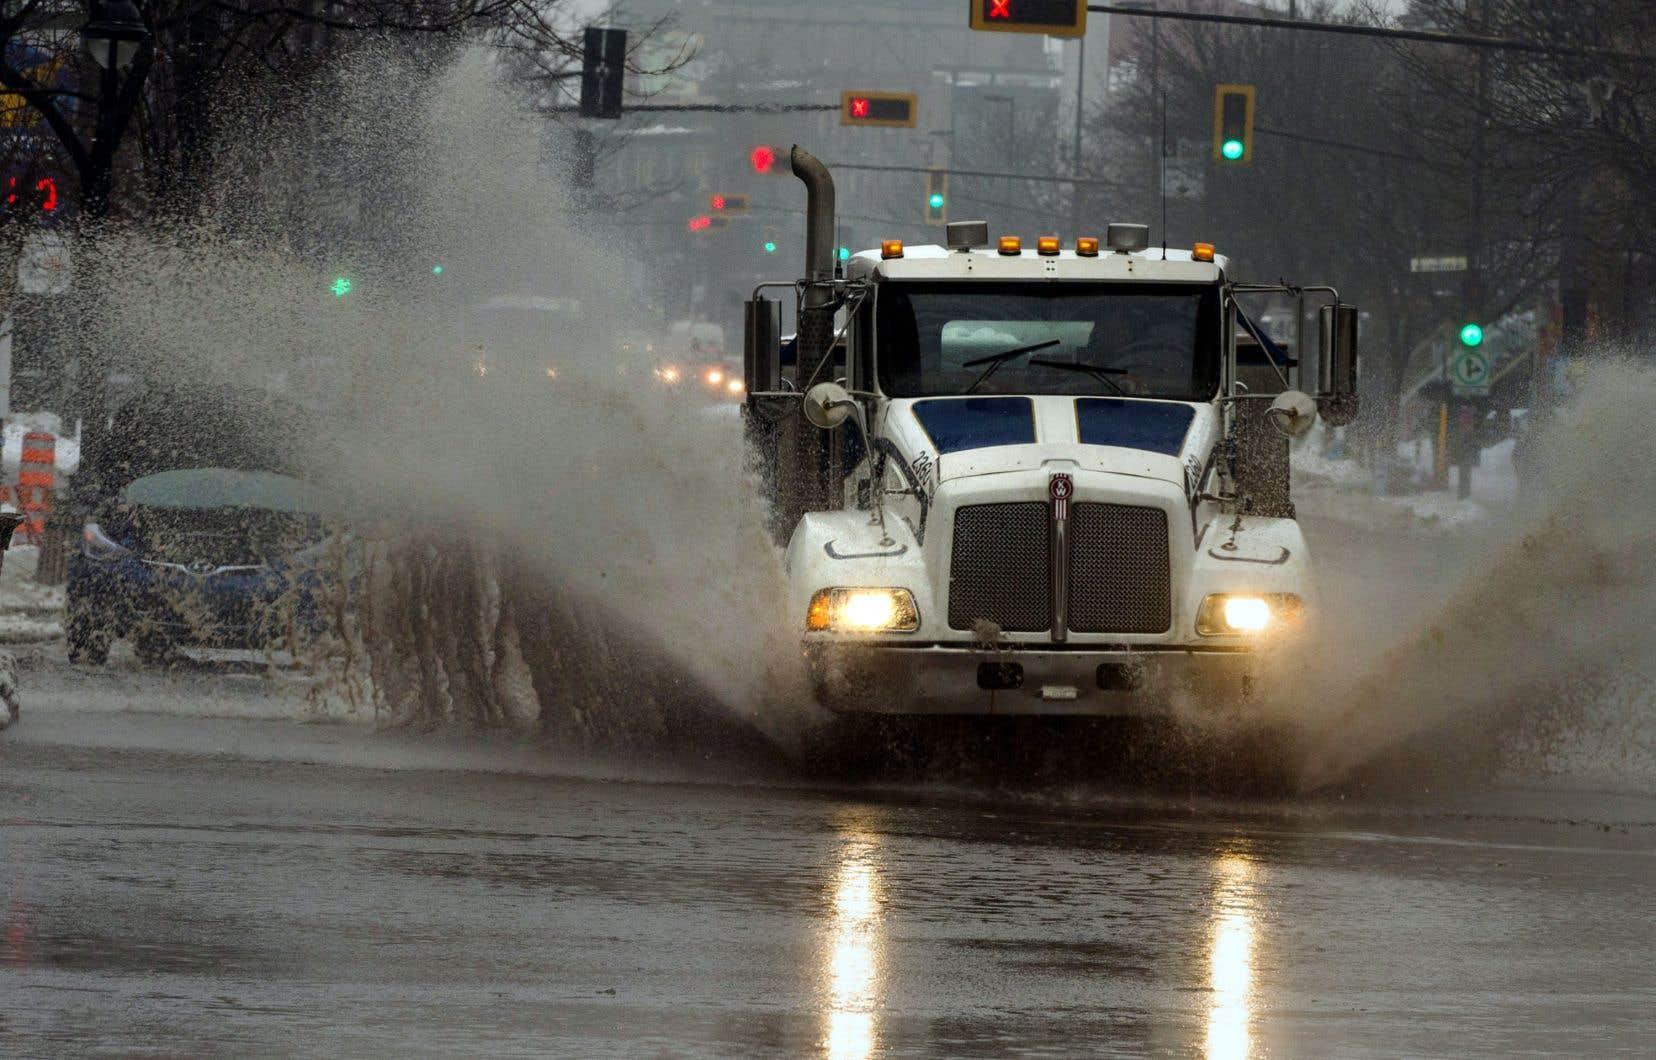 Les rues de la métropole étaient submergées jeudi matin avec la pluie tombée et la fonte de la neige.